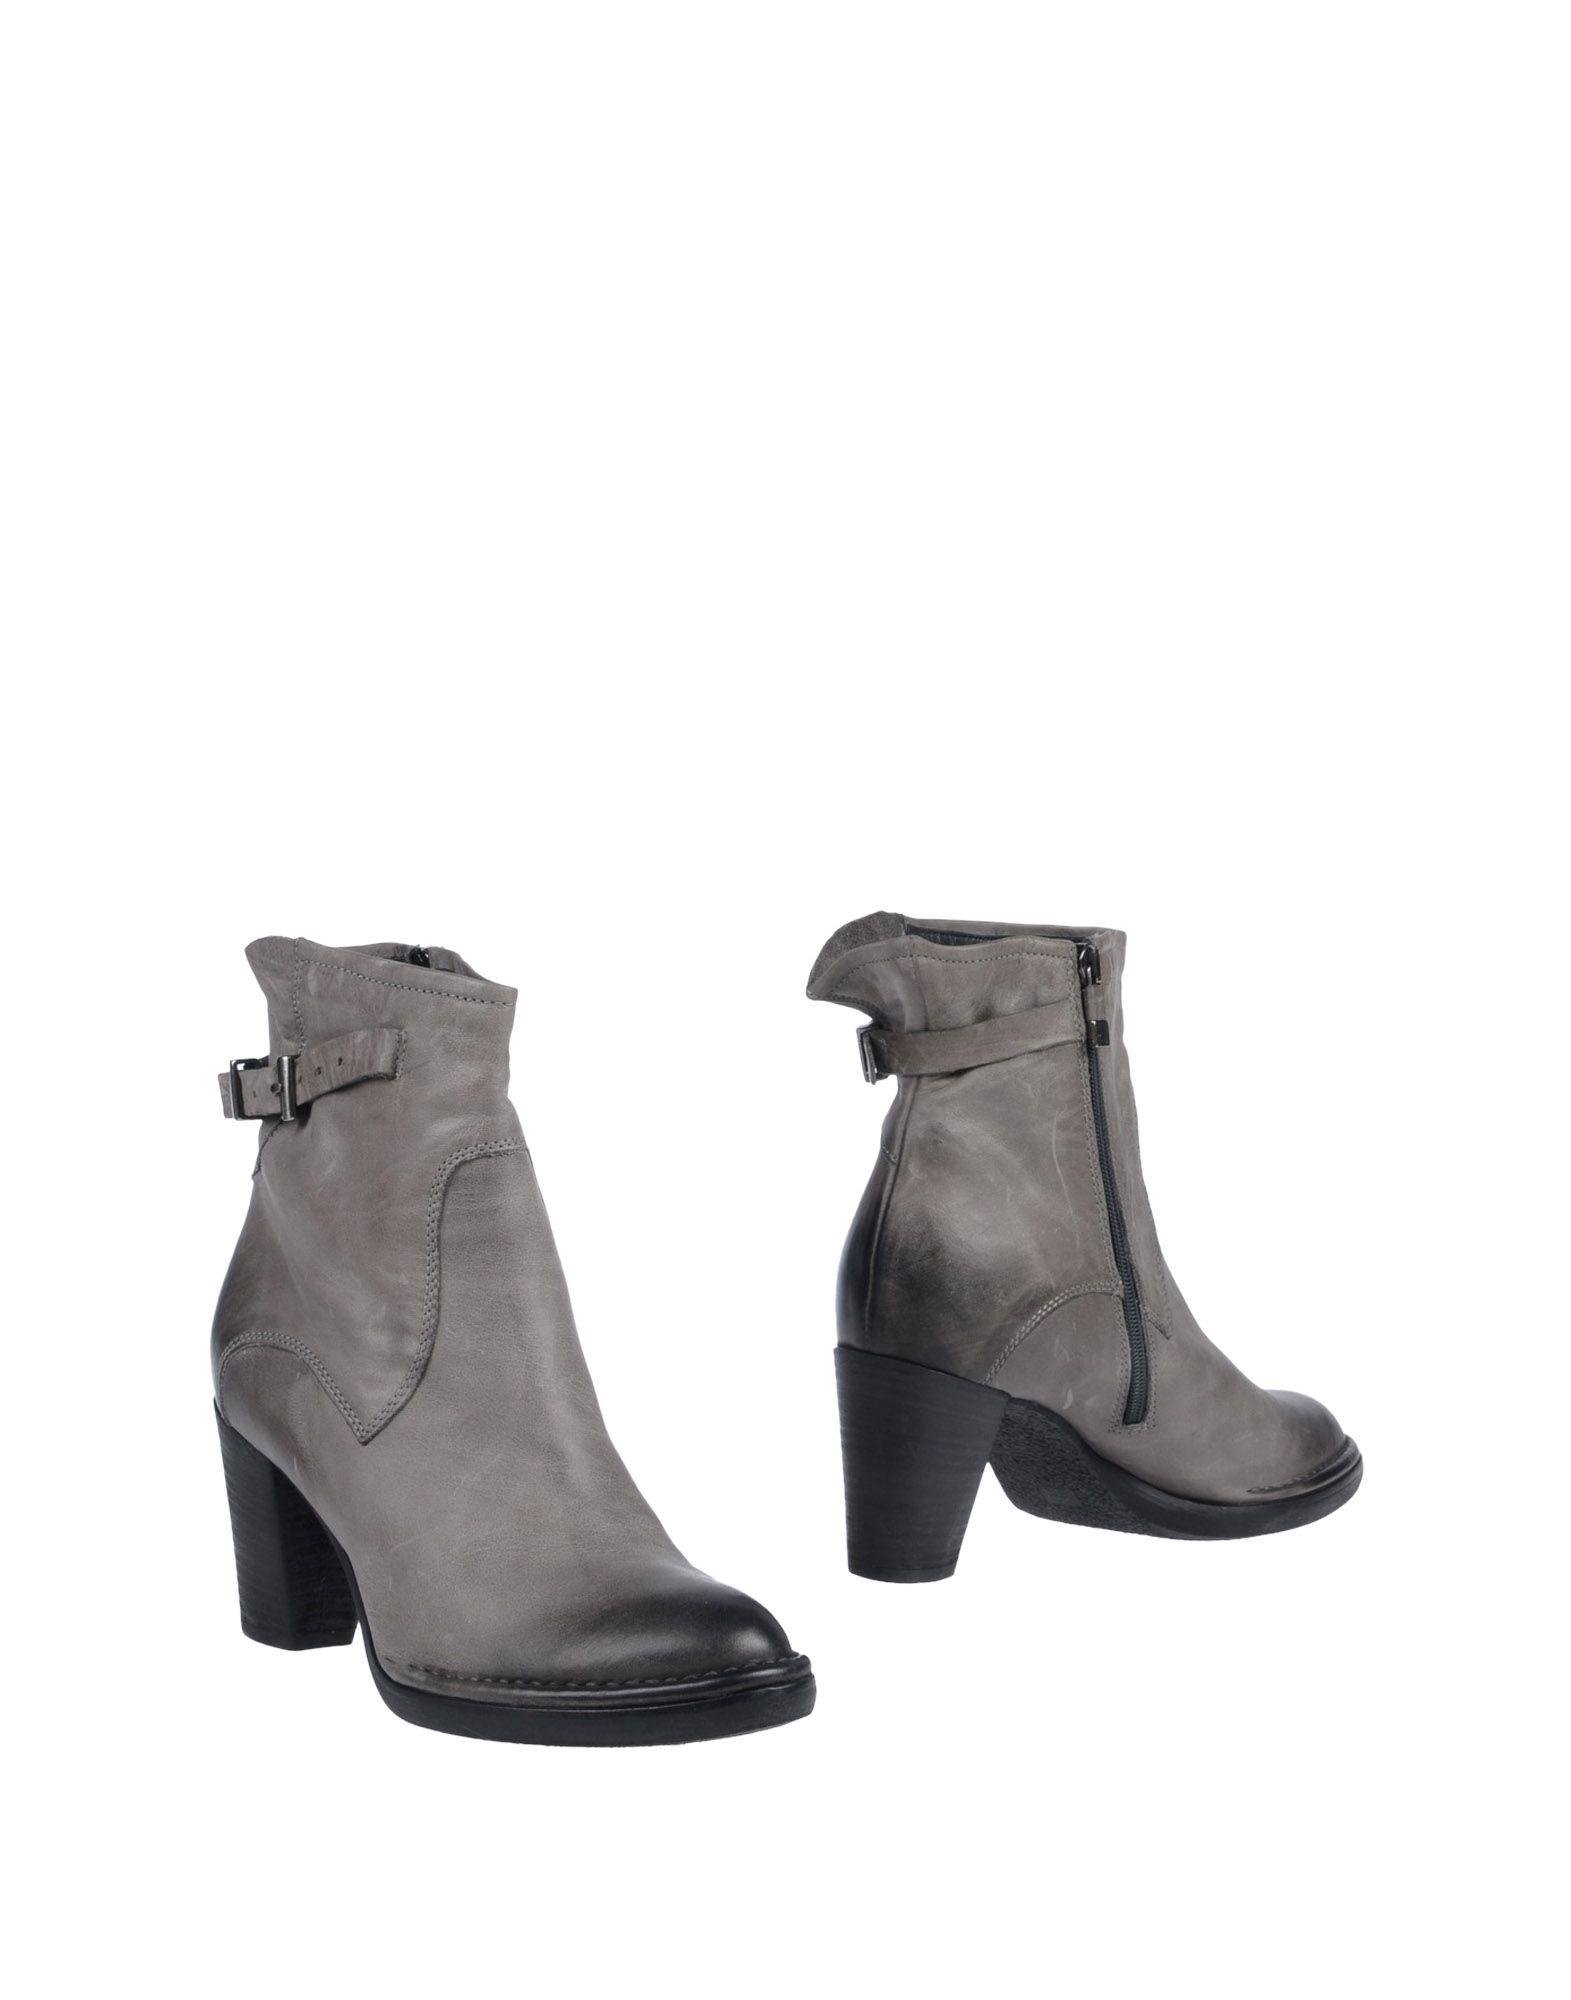 Alberto Fermani Stiefelette Damen  11430823UX Gute Qualität beliebte beliebte beliebte Schuhe 57ea72